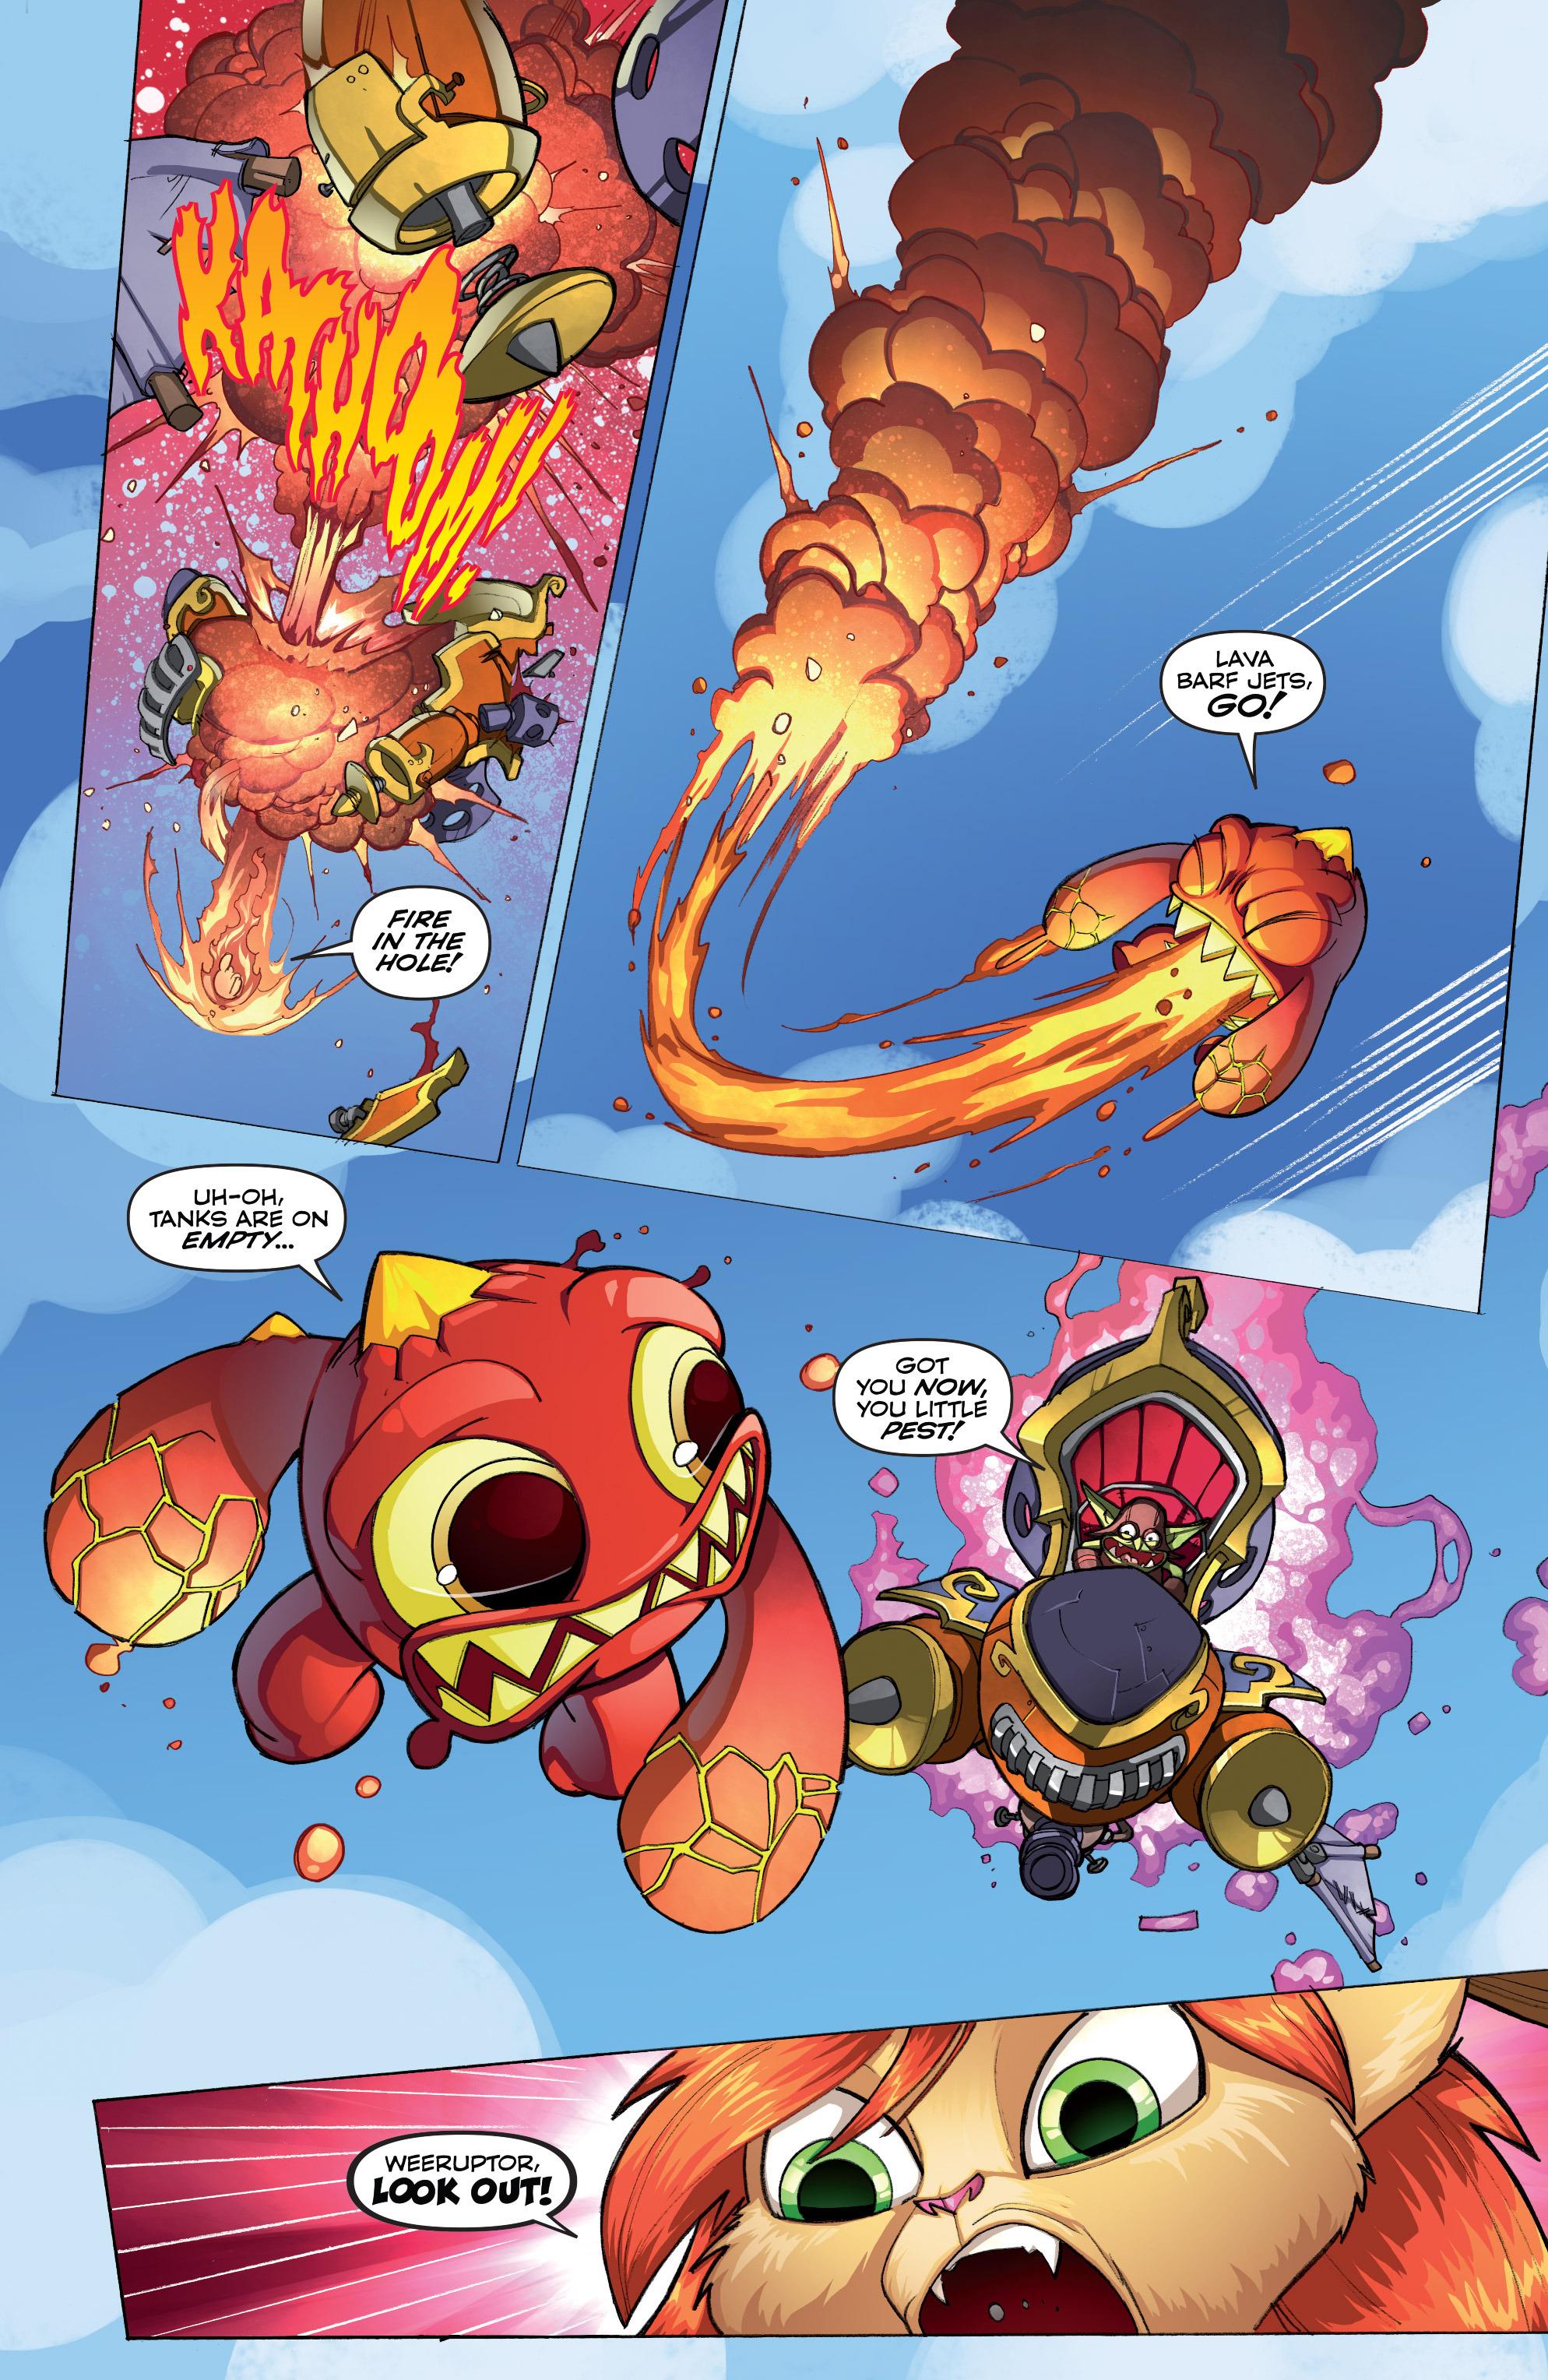 Read online Skylanders comic -  Issue #2 - 15